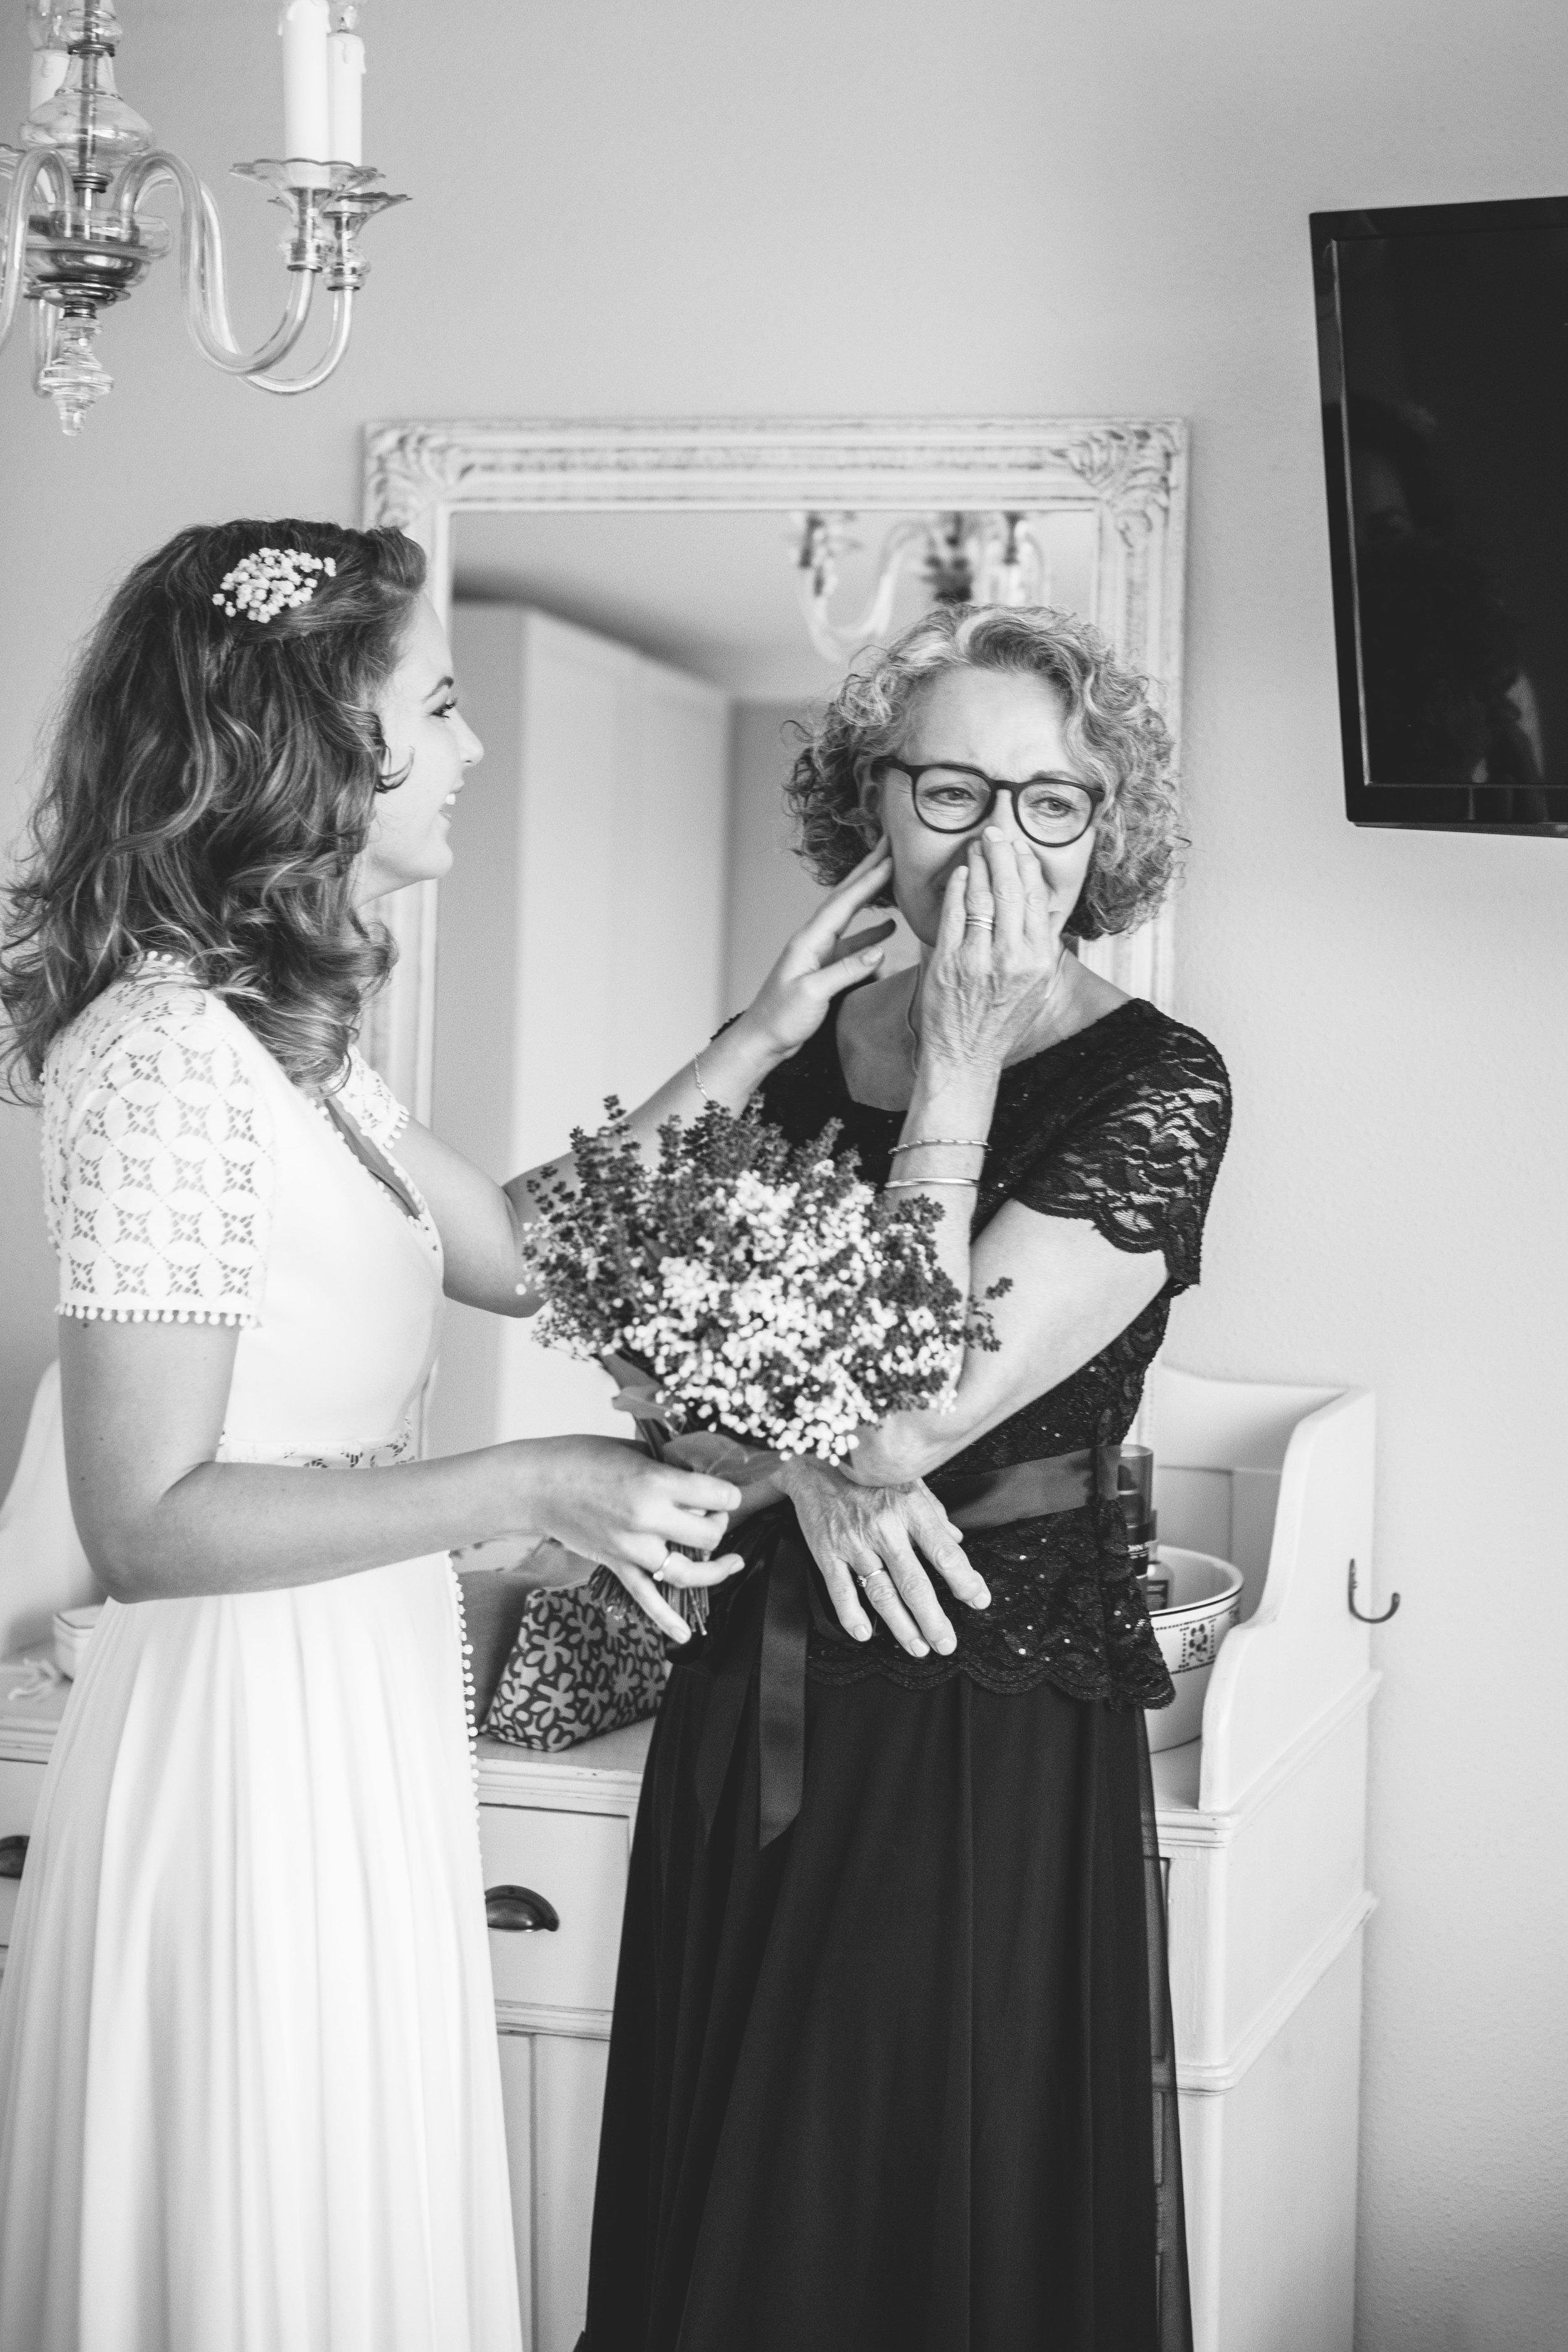 Een emotioneel moment tussen de bruid en haar moeder op de ochtend van de bruiloft. Dit soort momenten zijn in een bruidsreportage onmisbaar.